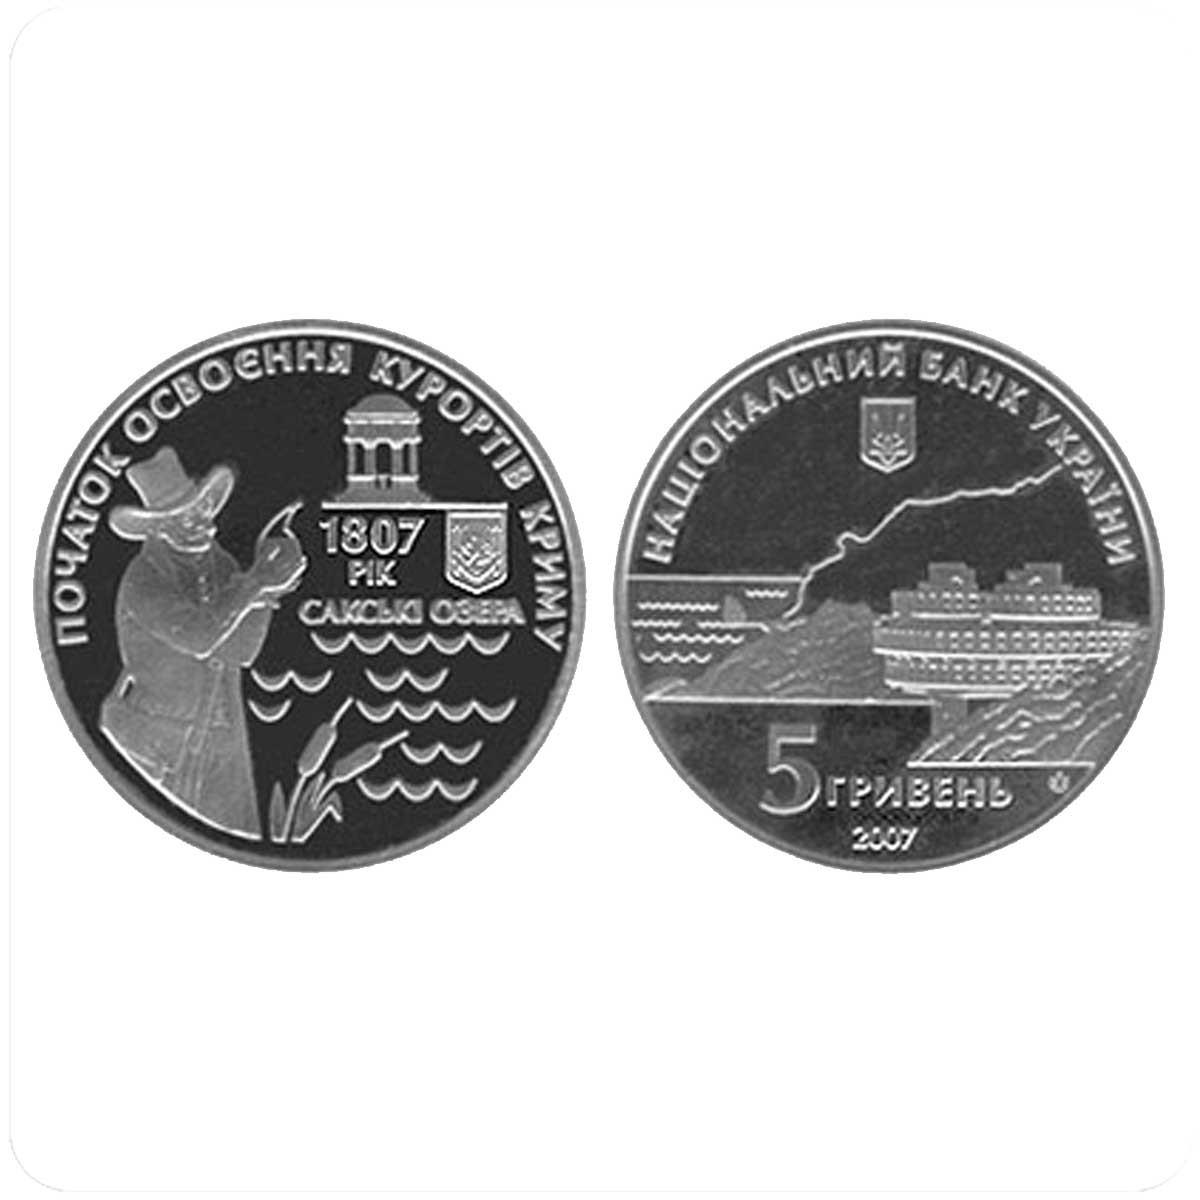 5 гривен 2007 - Освоение курортов Крыма код 20931